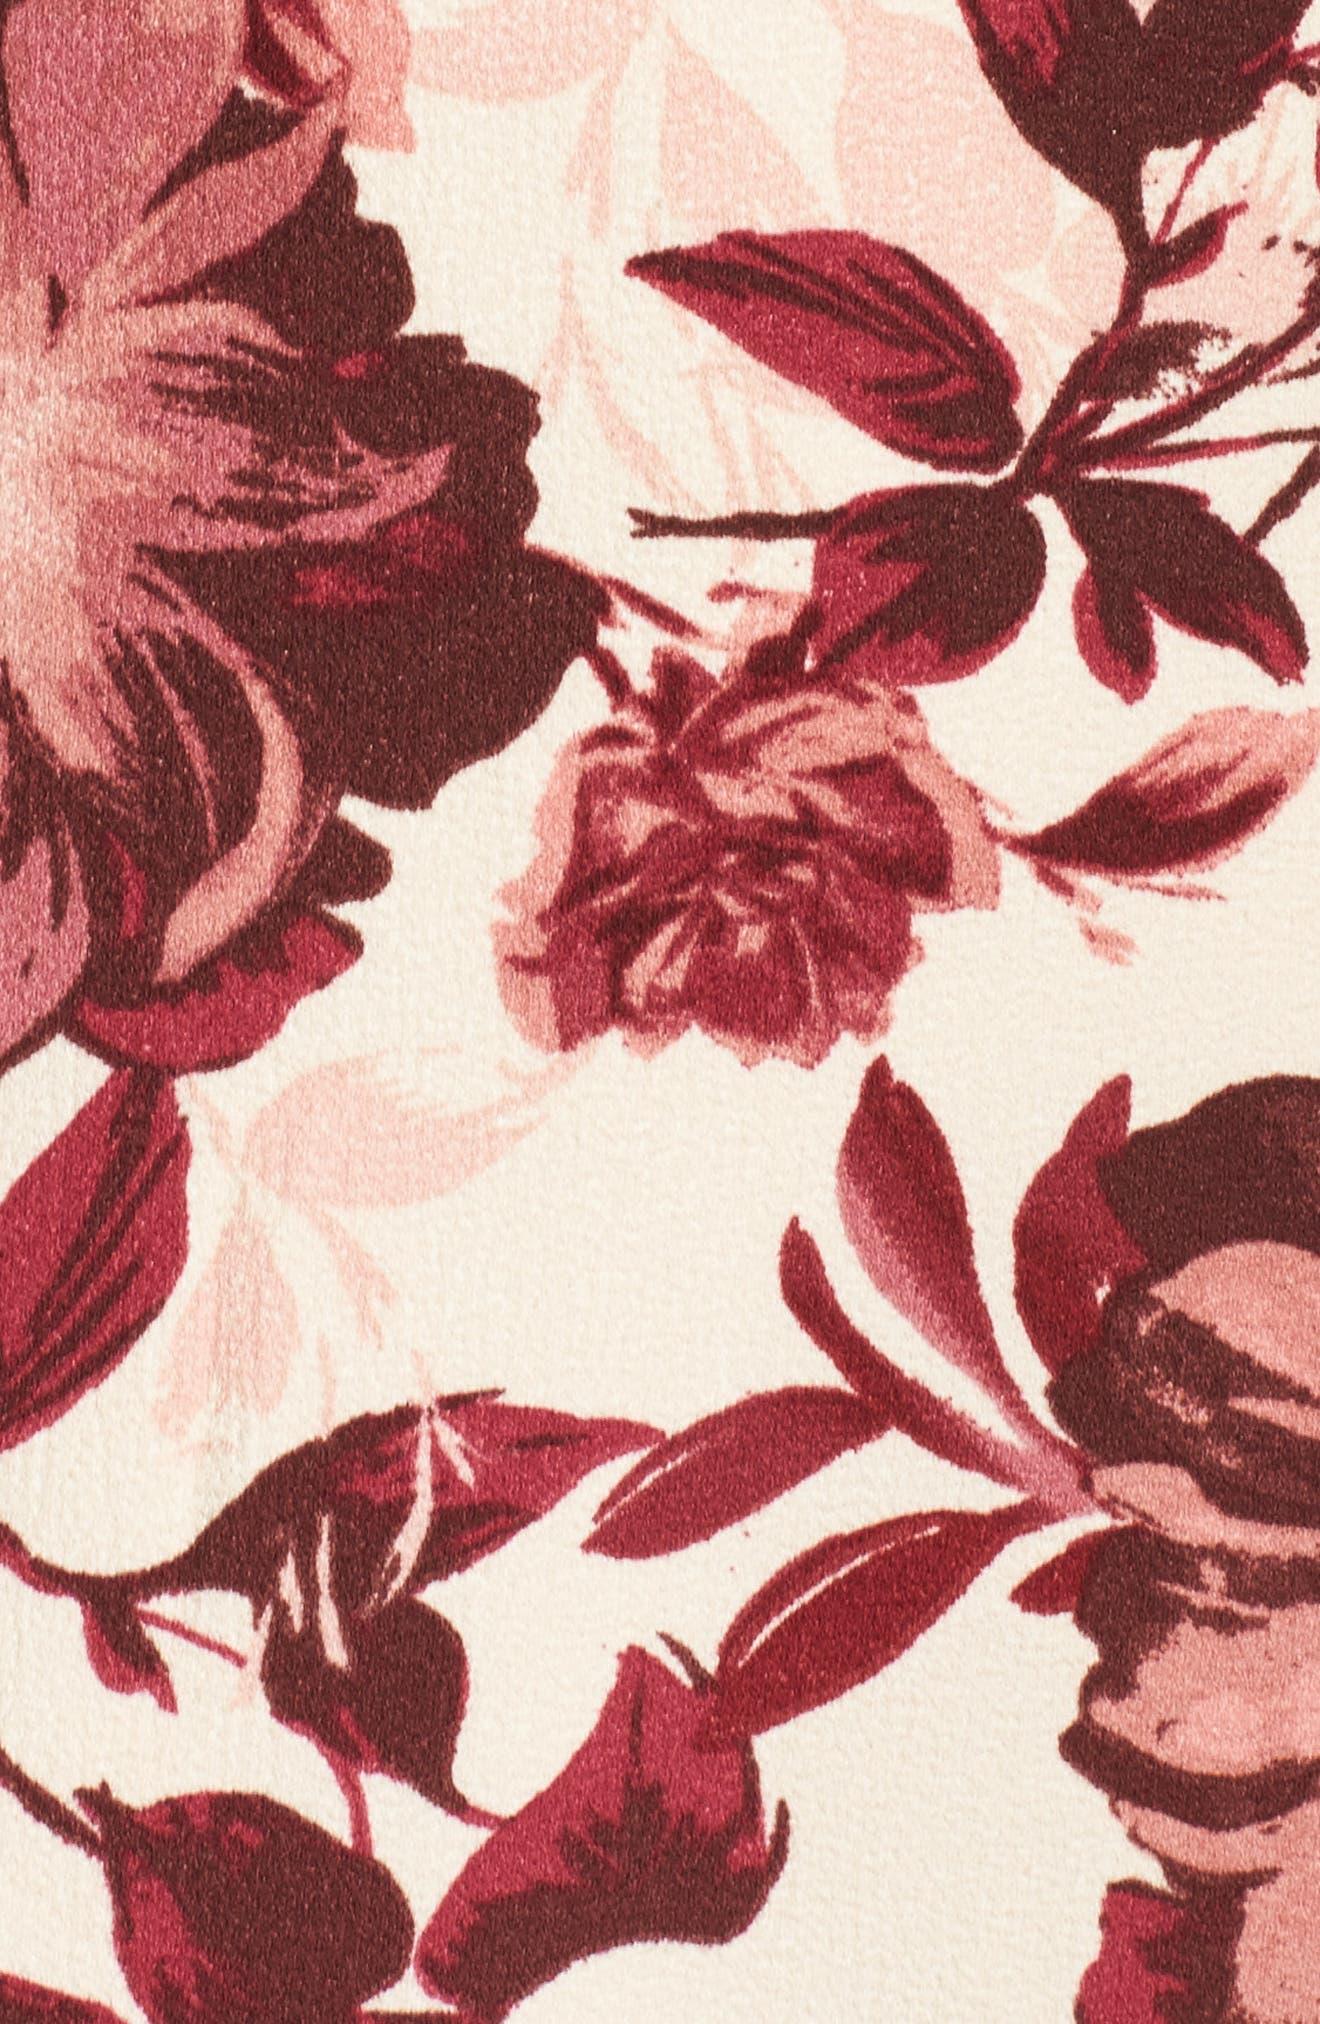 Bell Sleeve Minidress,                             Alternate thumbnail 5, color,                             658